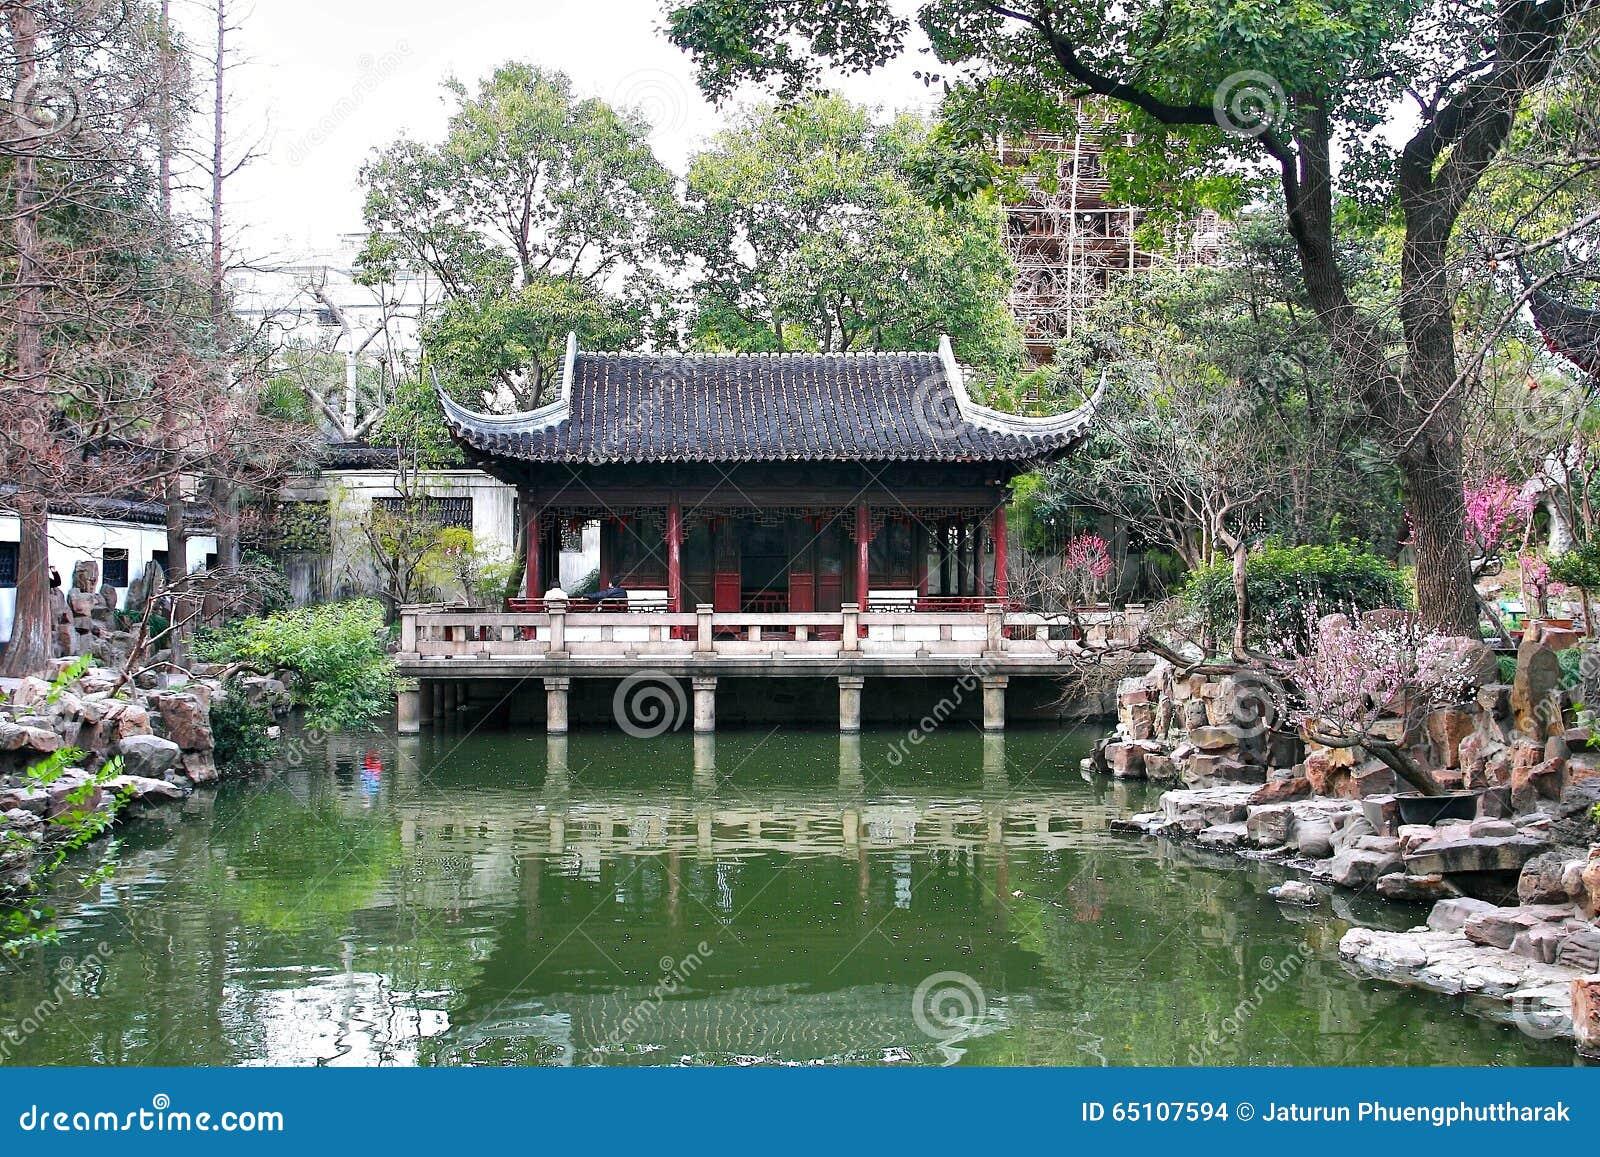 Le Jardin De Yuyuan Est Un Jardin Chinois Etendu Situe Pres